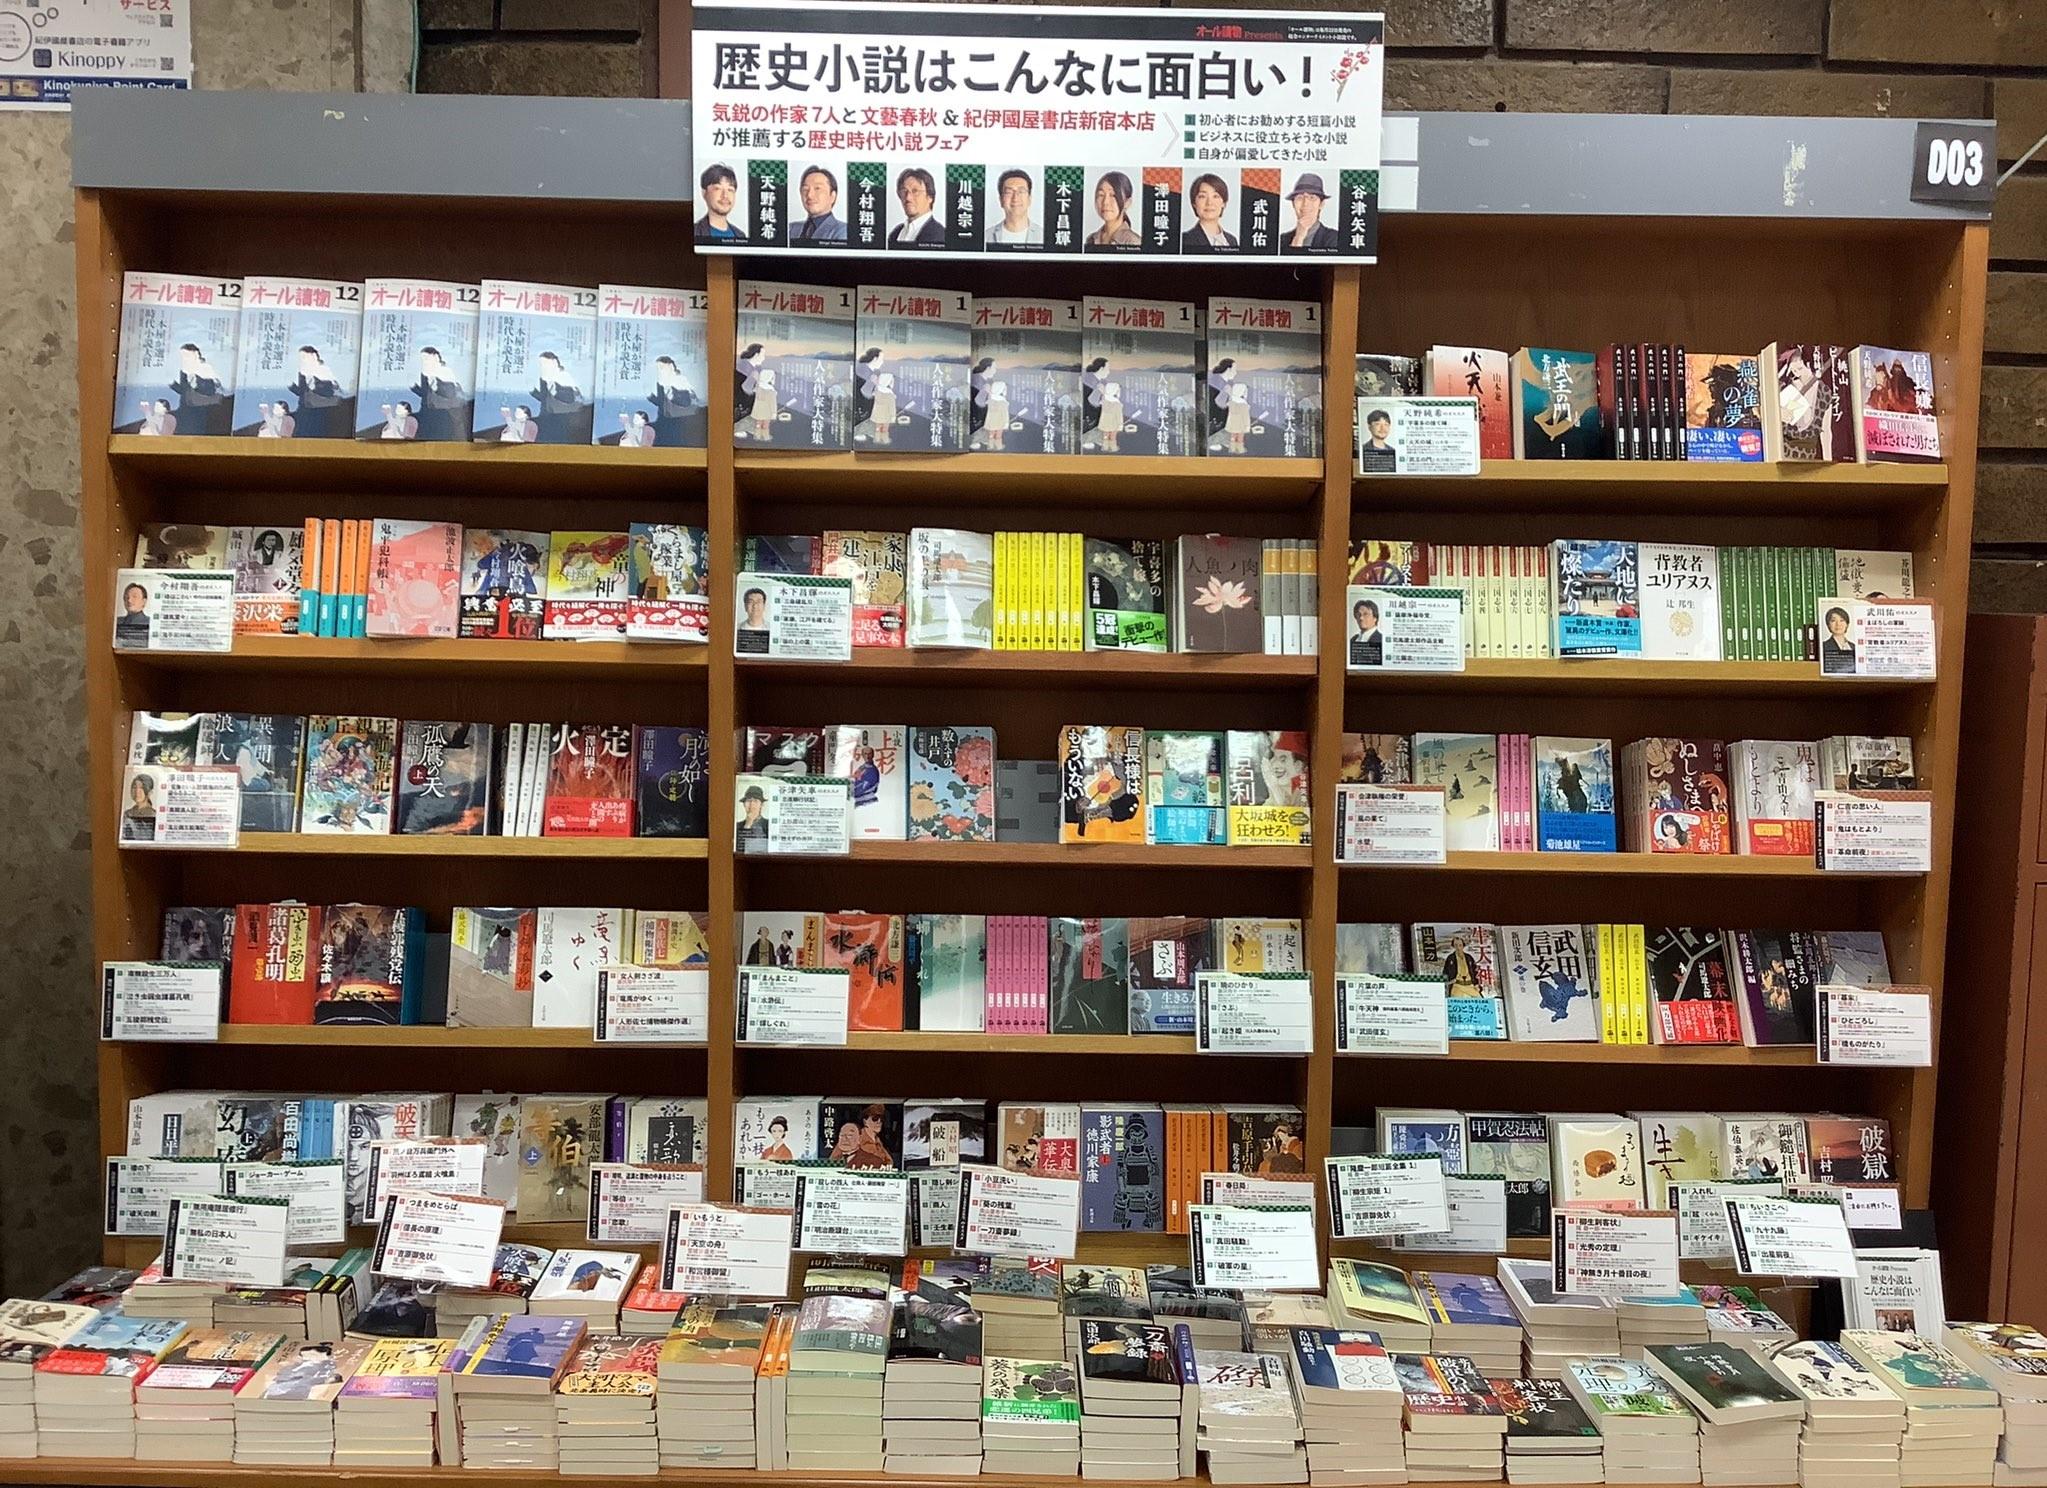 紀伊國屋書店:歴史小説はこんなに面白い!